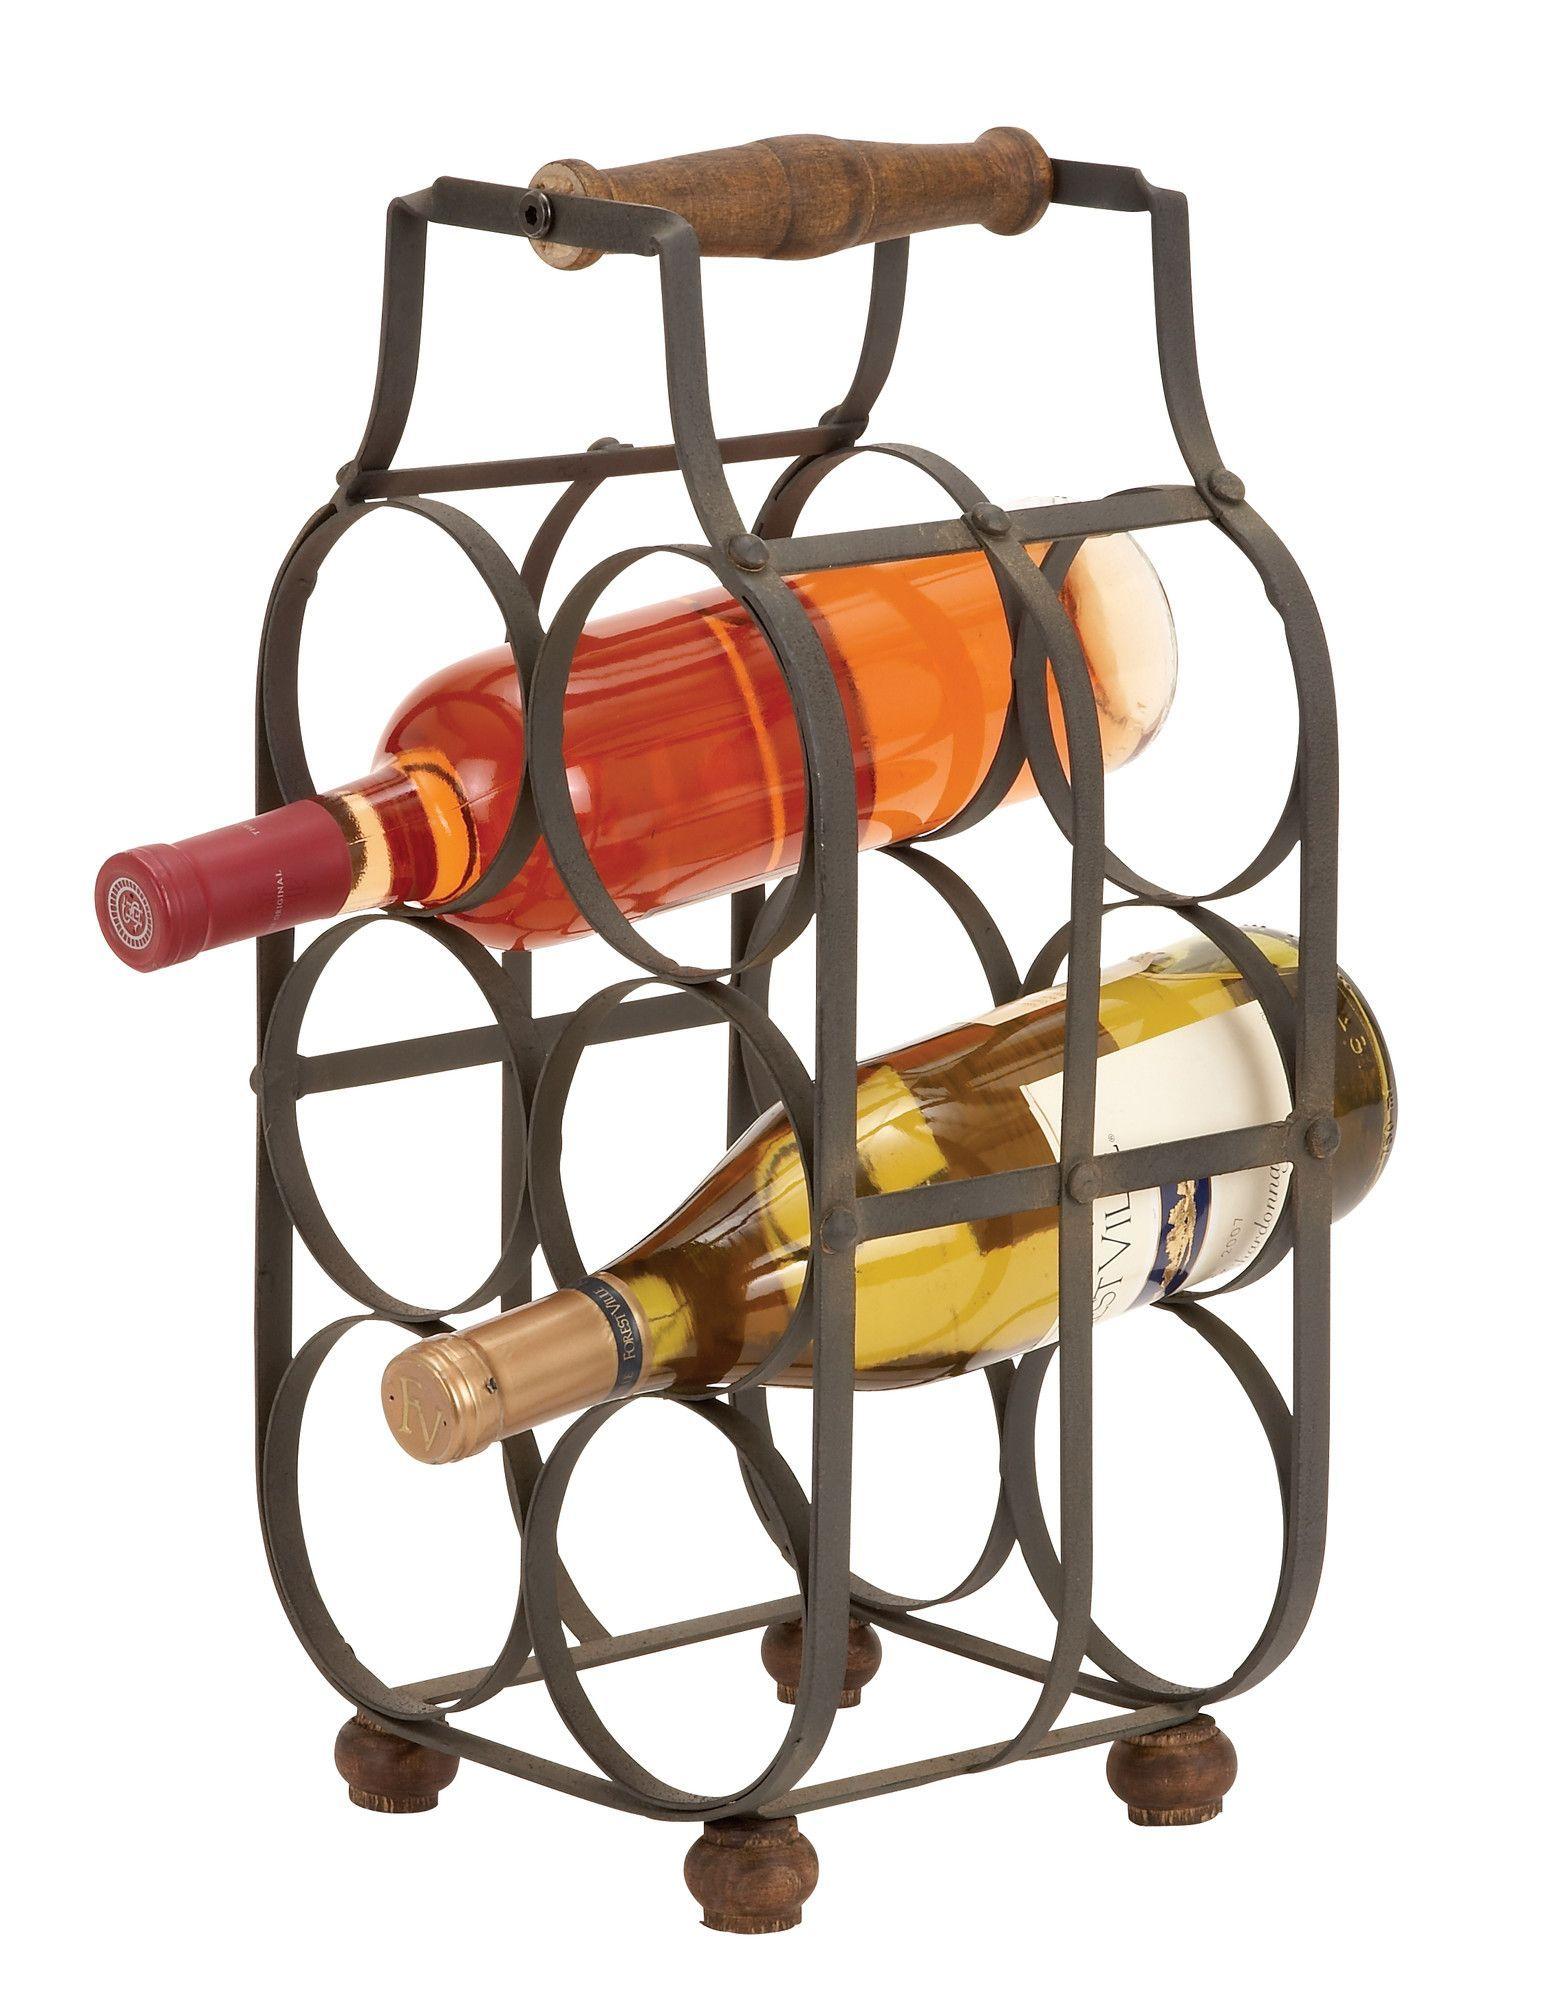 Kremmling 6 Bottle Tabletop Wine Bottle Rack Wine Bottle Rack